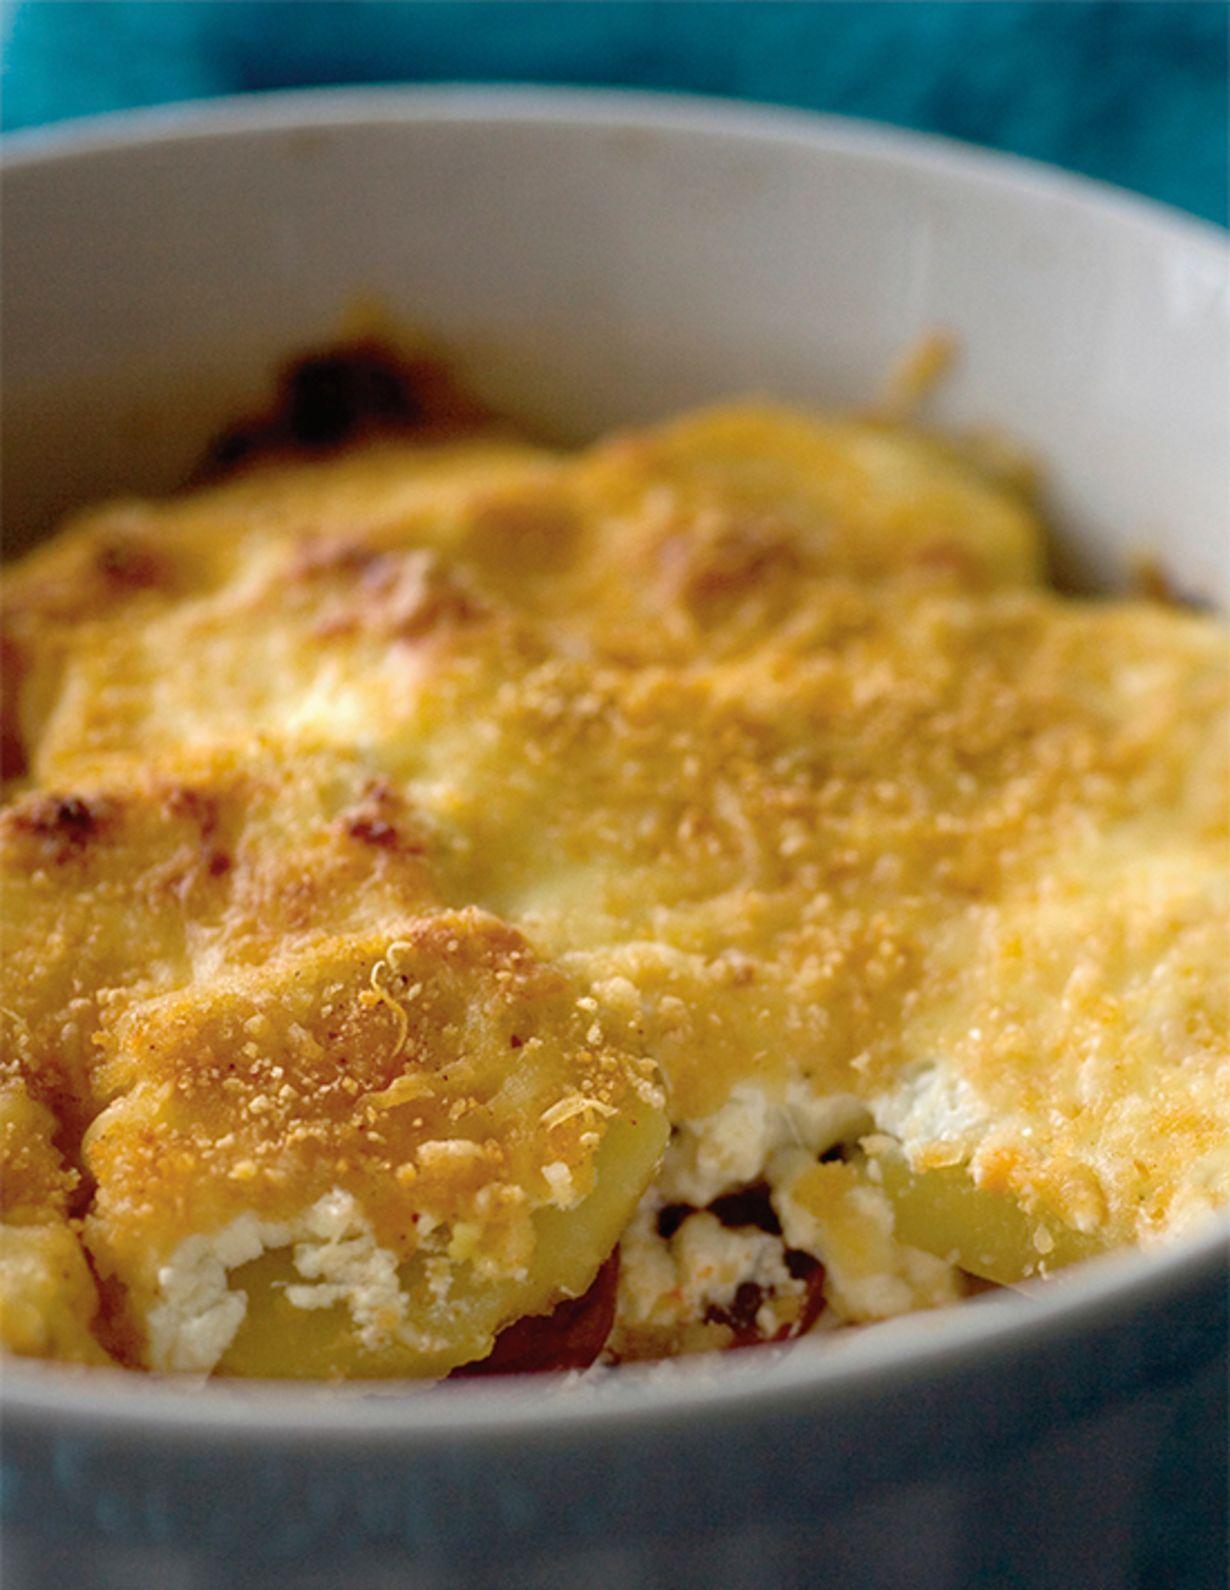 Keitä perunat kuorineen ja jäähdytä. Kuori ja leikkaa viipaleiksi. Keitä munat, jäähdytä kylmässä vedessä, kuori ja viipaloi. Viipaloi myös makkara...